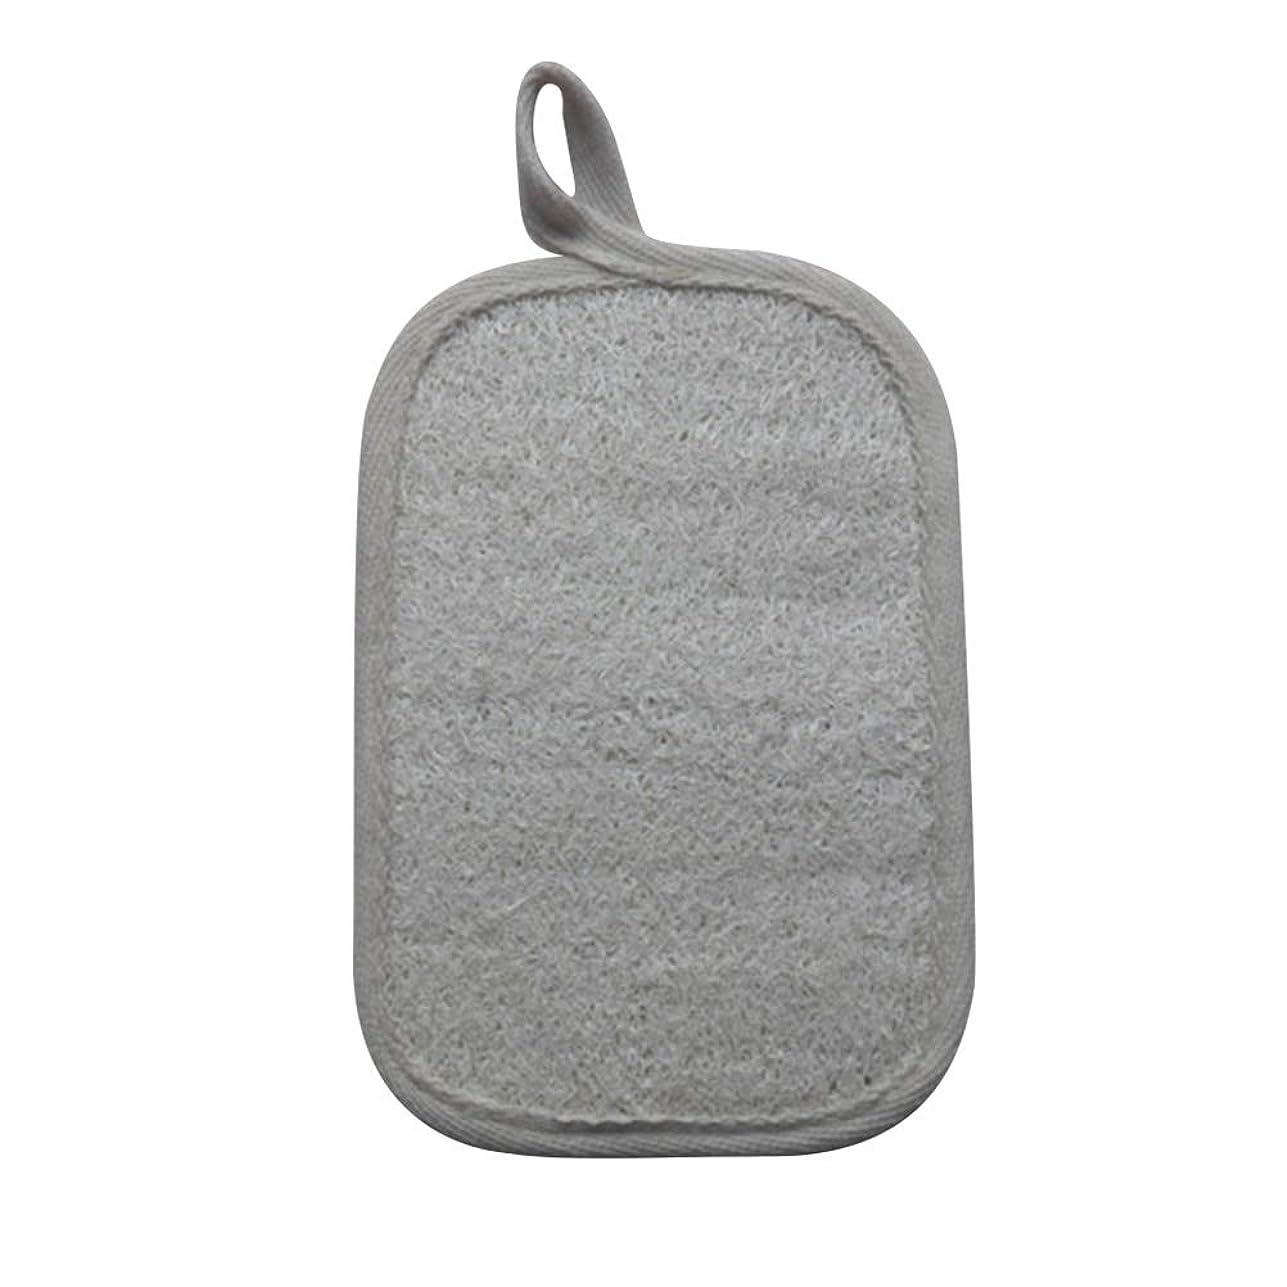 まさに欠陥コートHEALIFTY シャワーのための自然なLoofahのスポンジパッドの風呂の剥離Loofahのスポンジのスクラバー